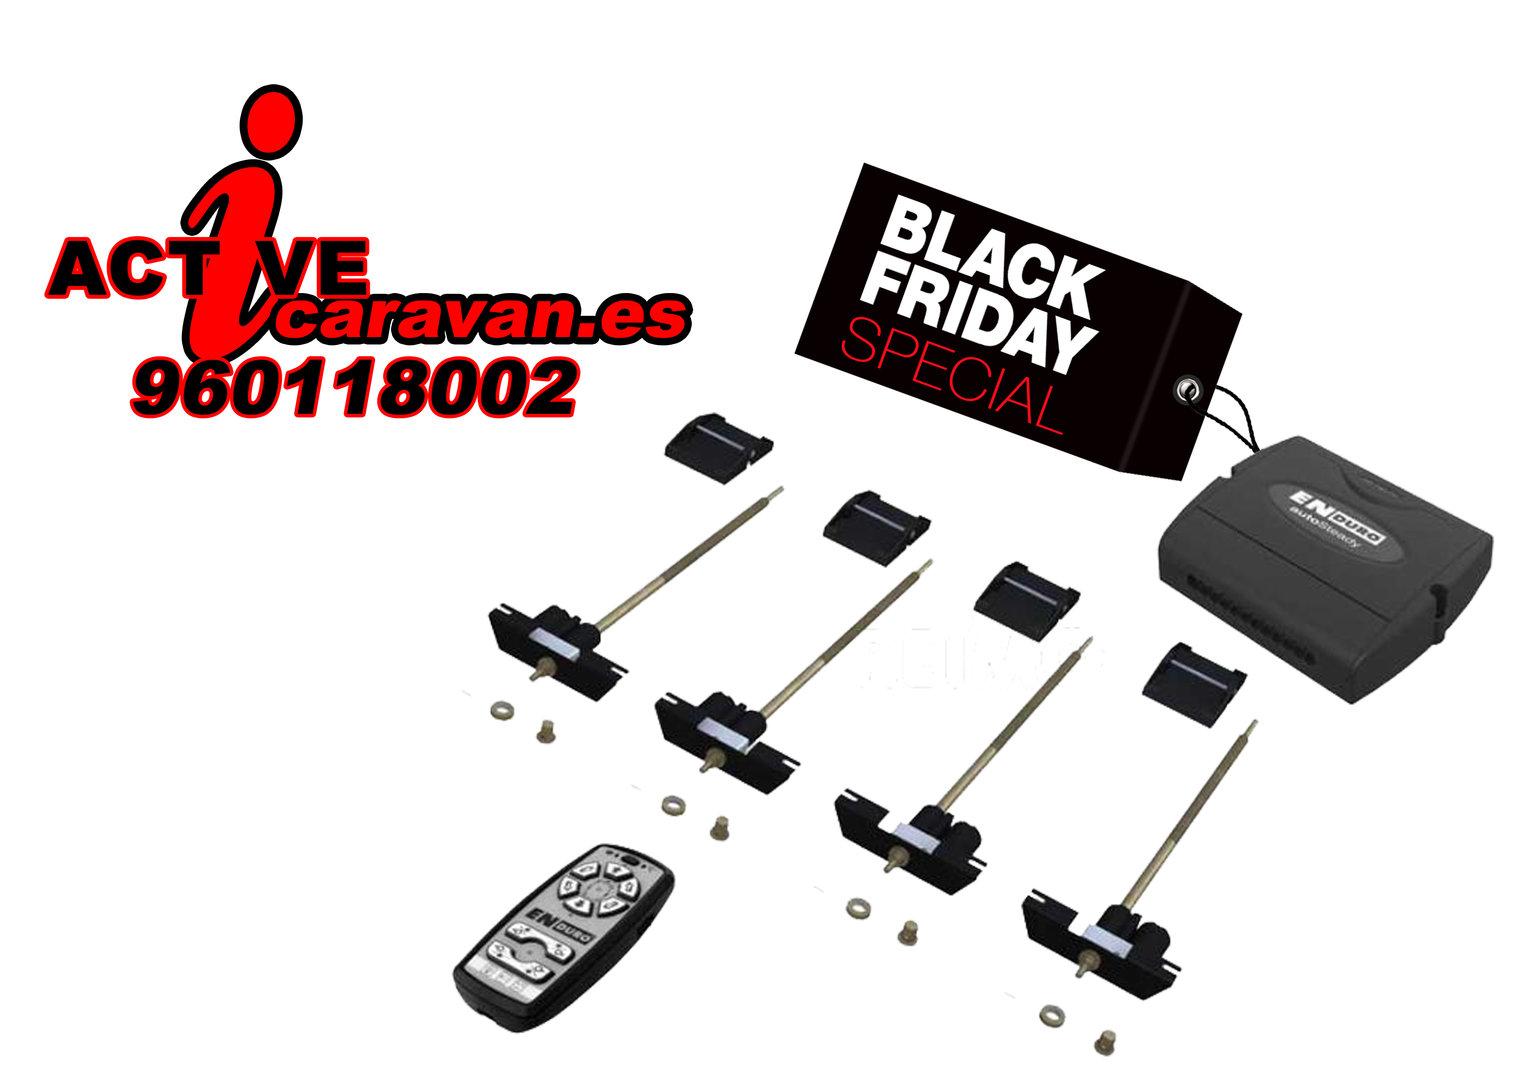 Estabilizadores patas el ctricas enduro oferta black - Black friday herramientas electricas ...